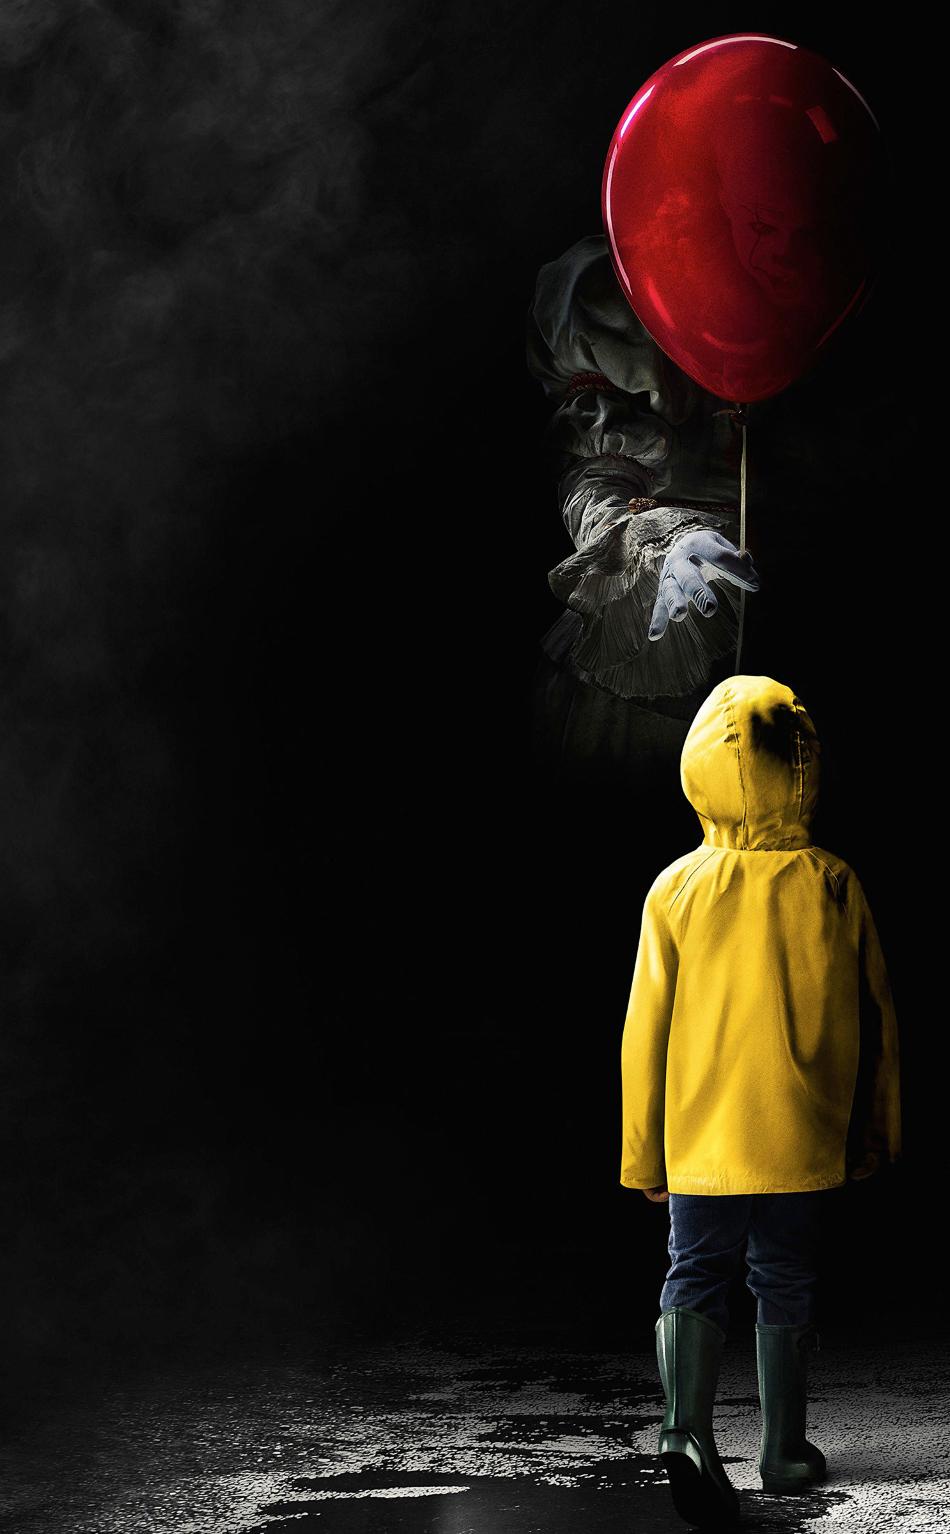 wallpapersden.com_it-2017-horror-movie-poster_950x1534.jpg